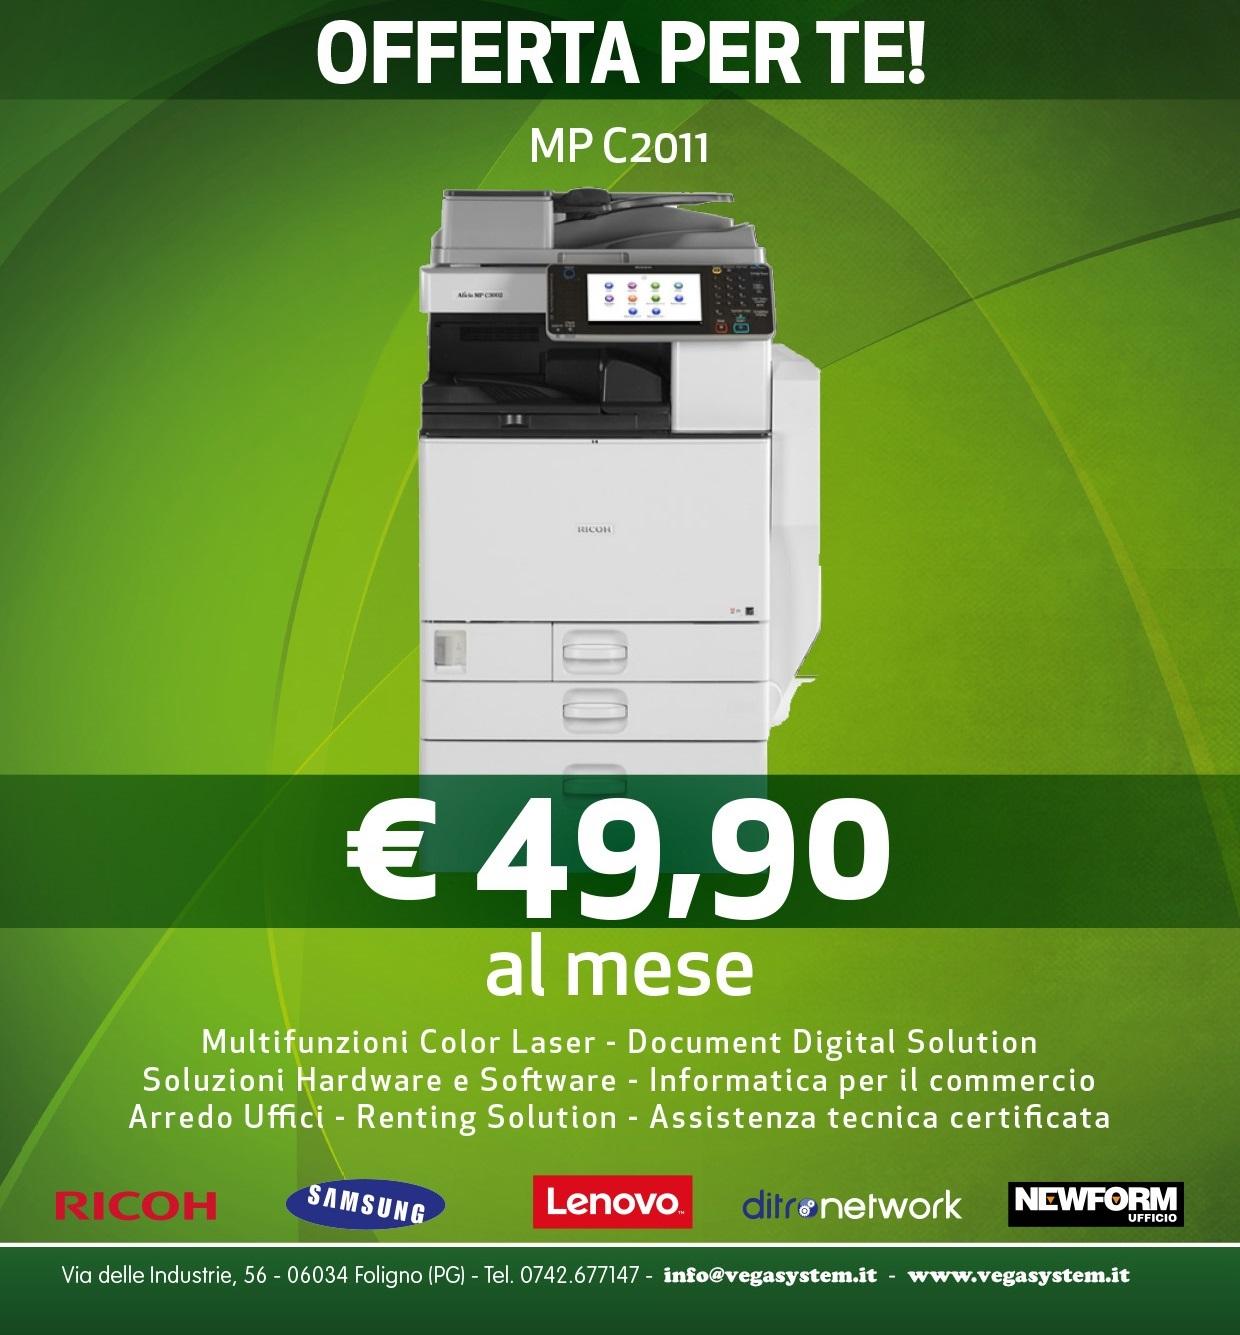 noleggio-fotocopiatrici-costo-copia-umbria-ricohmpc2011